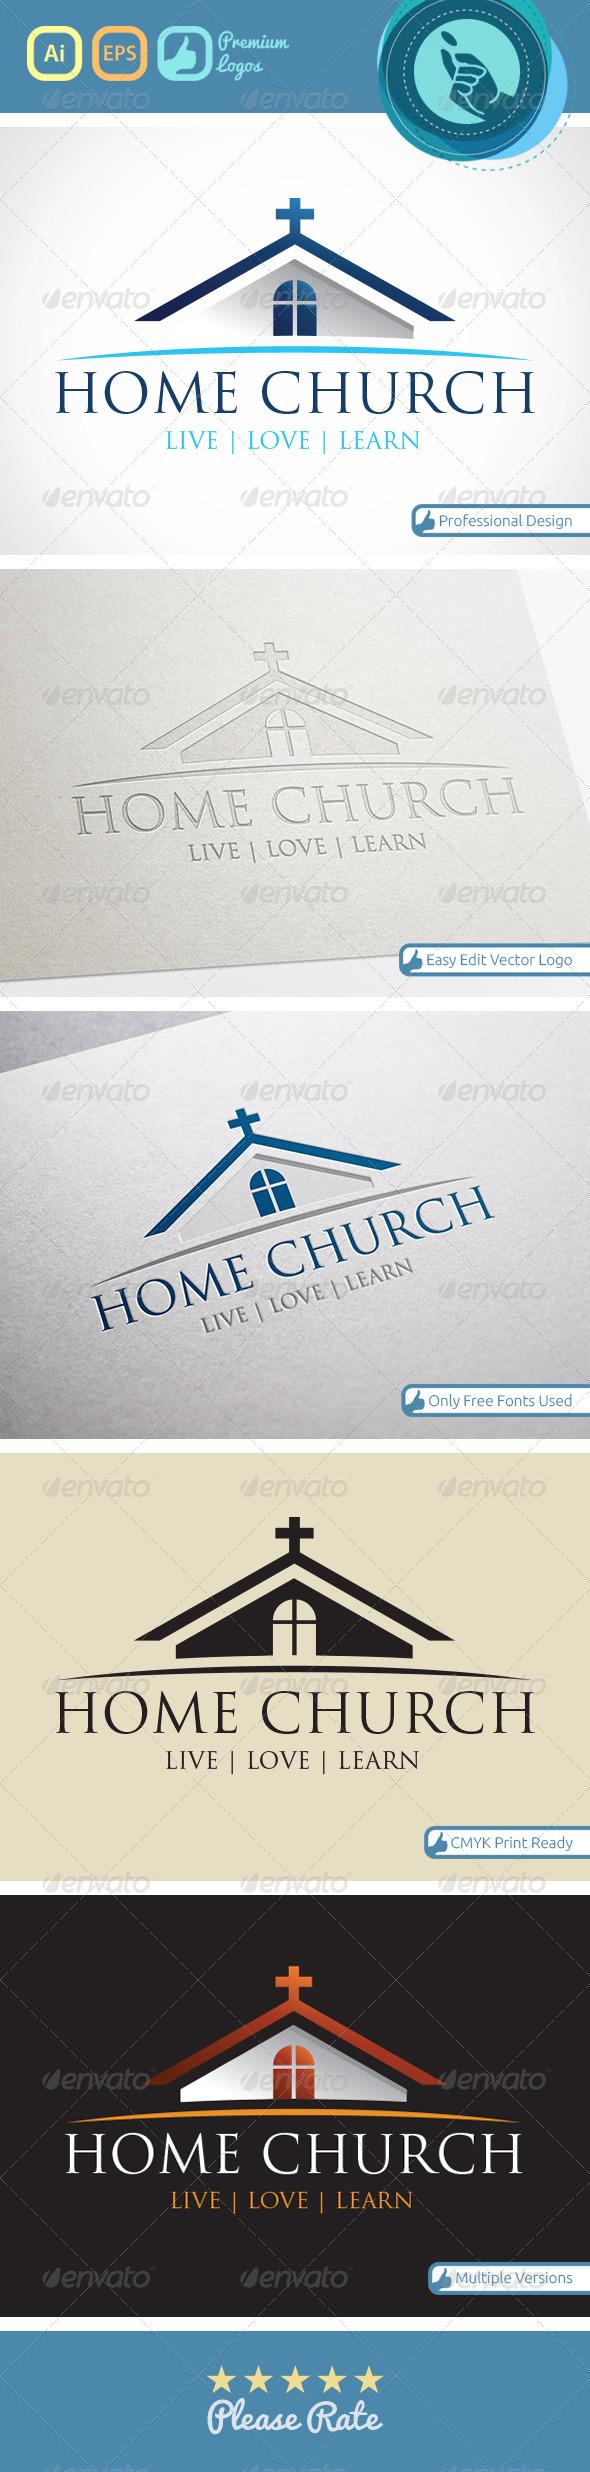 GraphicRiver Home Church logo 4543341